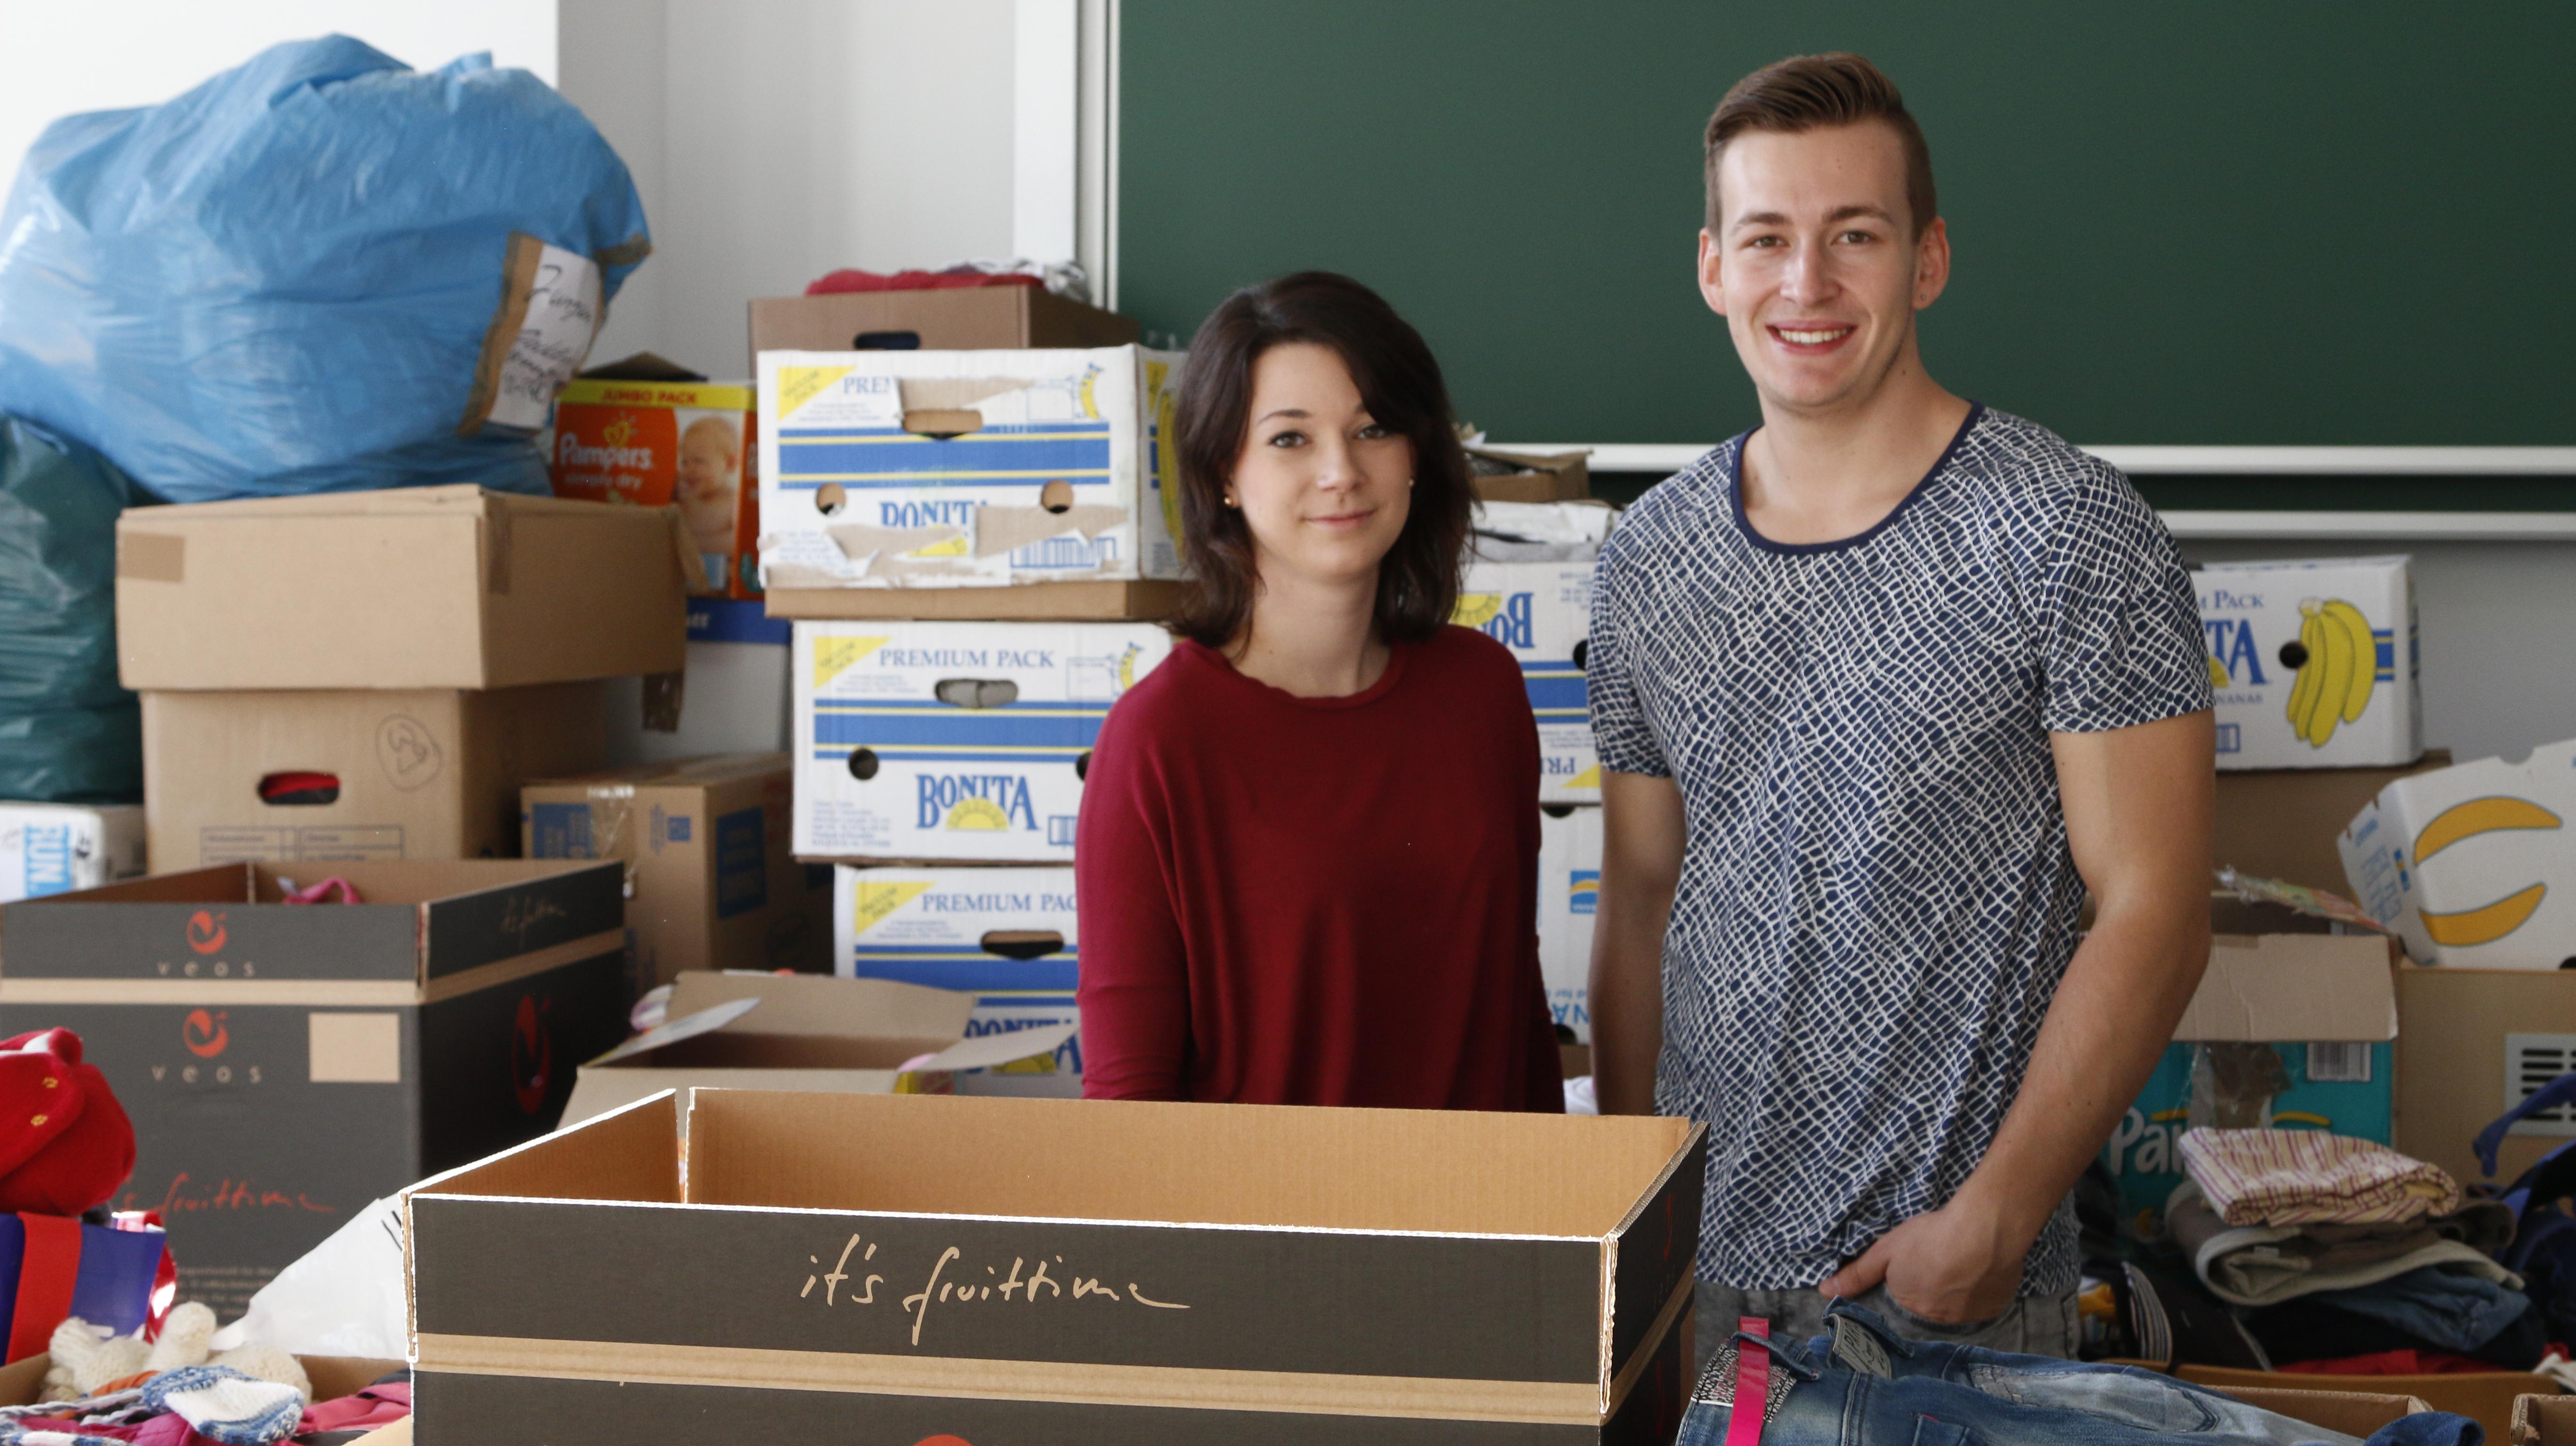 Hilfe für Flüchtlinge in Mittweida: Studentenrat an erster Stelle